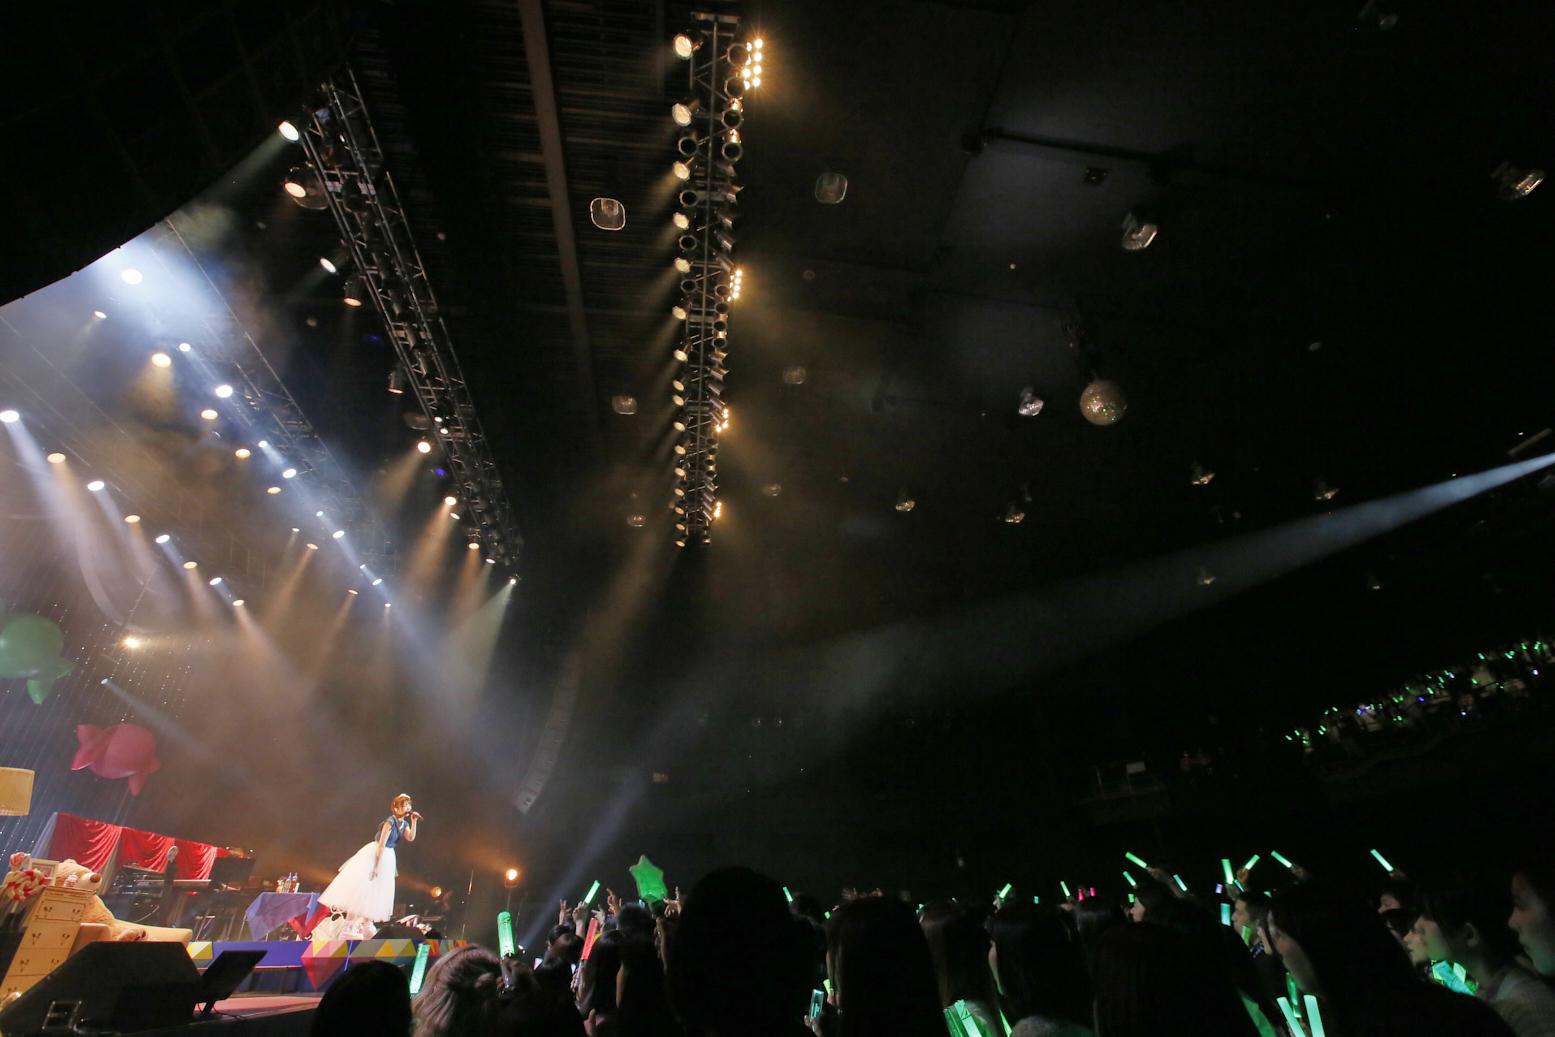 声優・内田彩さんの3rdシングルより、「Sign」(『五等分の花嫁』EDテーマ)と「Candy Flavor」のMV公開! ジャケ写、新アー写も解禁-6